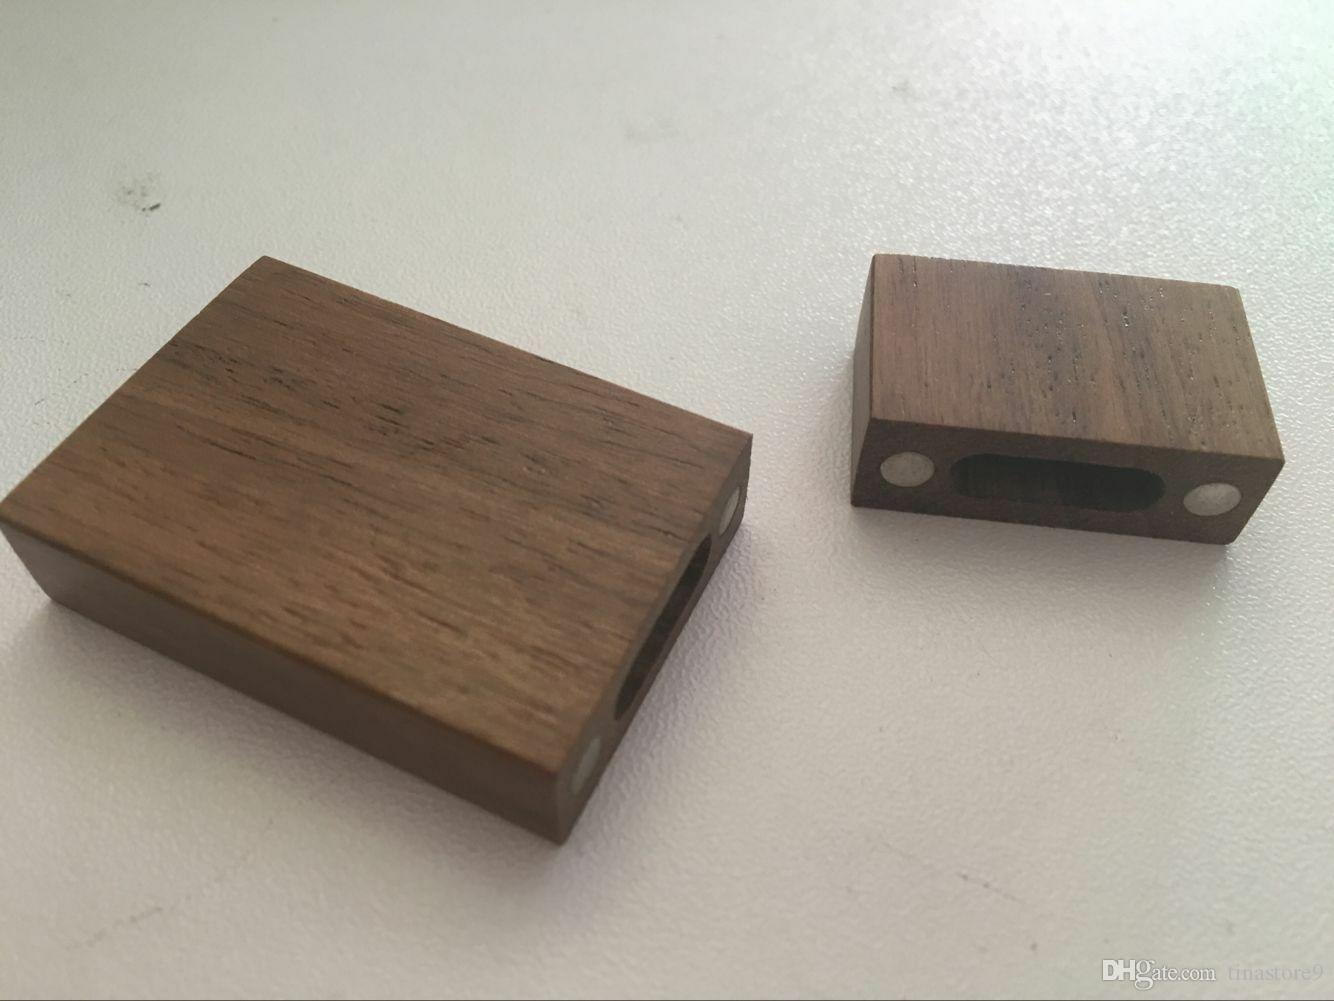 티나 블록 대나무 나무 USB 칩 호두 쉘 유니버설 16g 32g 8g 2.0 USB 플래시 드라이브는 무료 사용자 정의